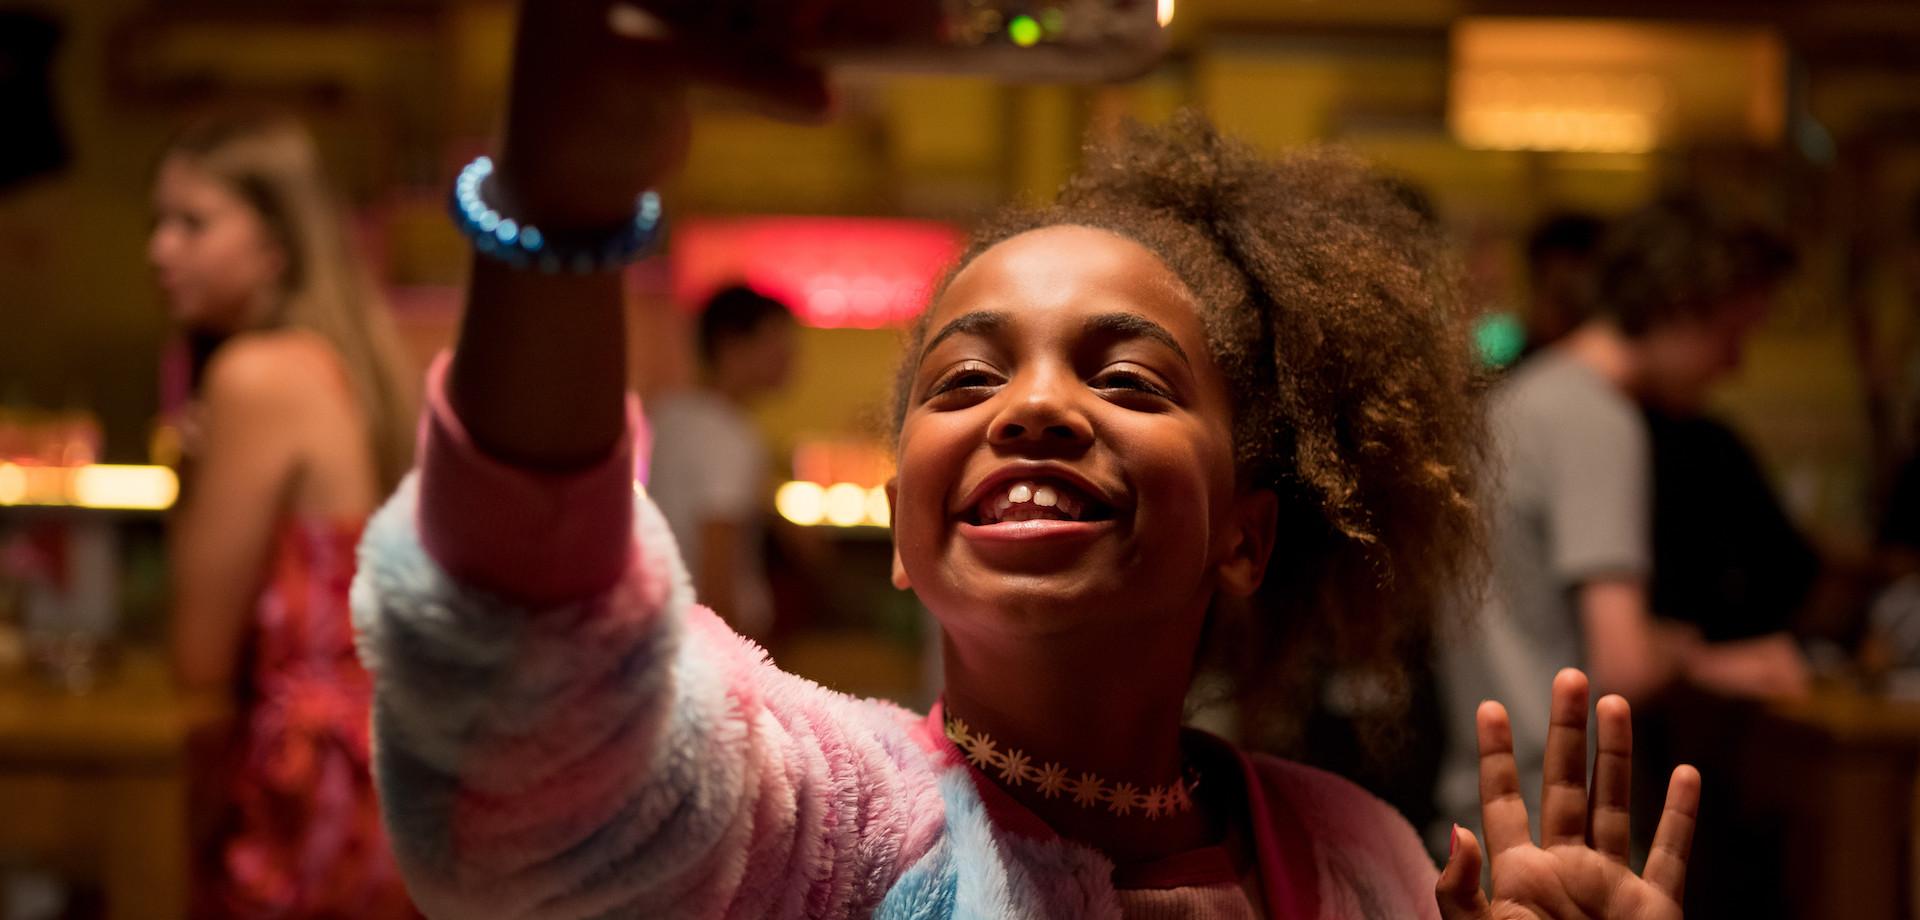 2ο Παιδικό και Εφηβικό Διεθνές Φεστιβάλ Κινηματογράφου Αθήνας έρχεται στη Θεσσαλονίκη